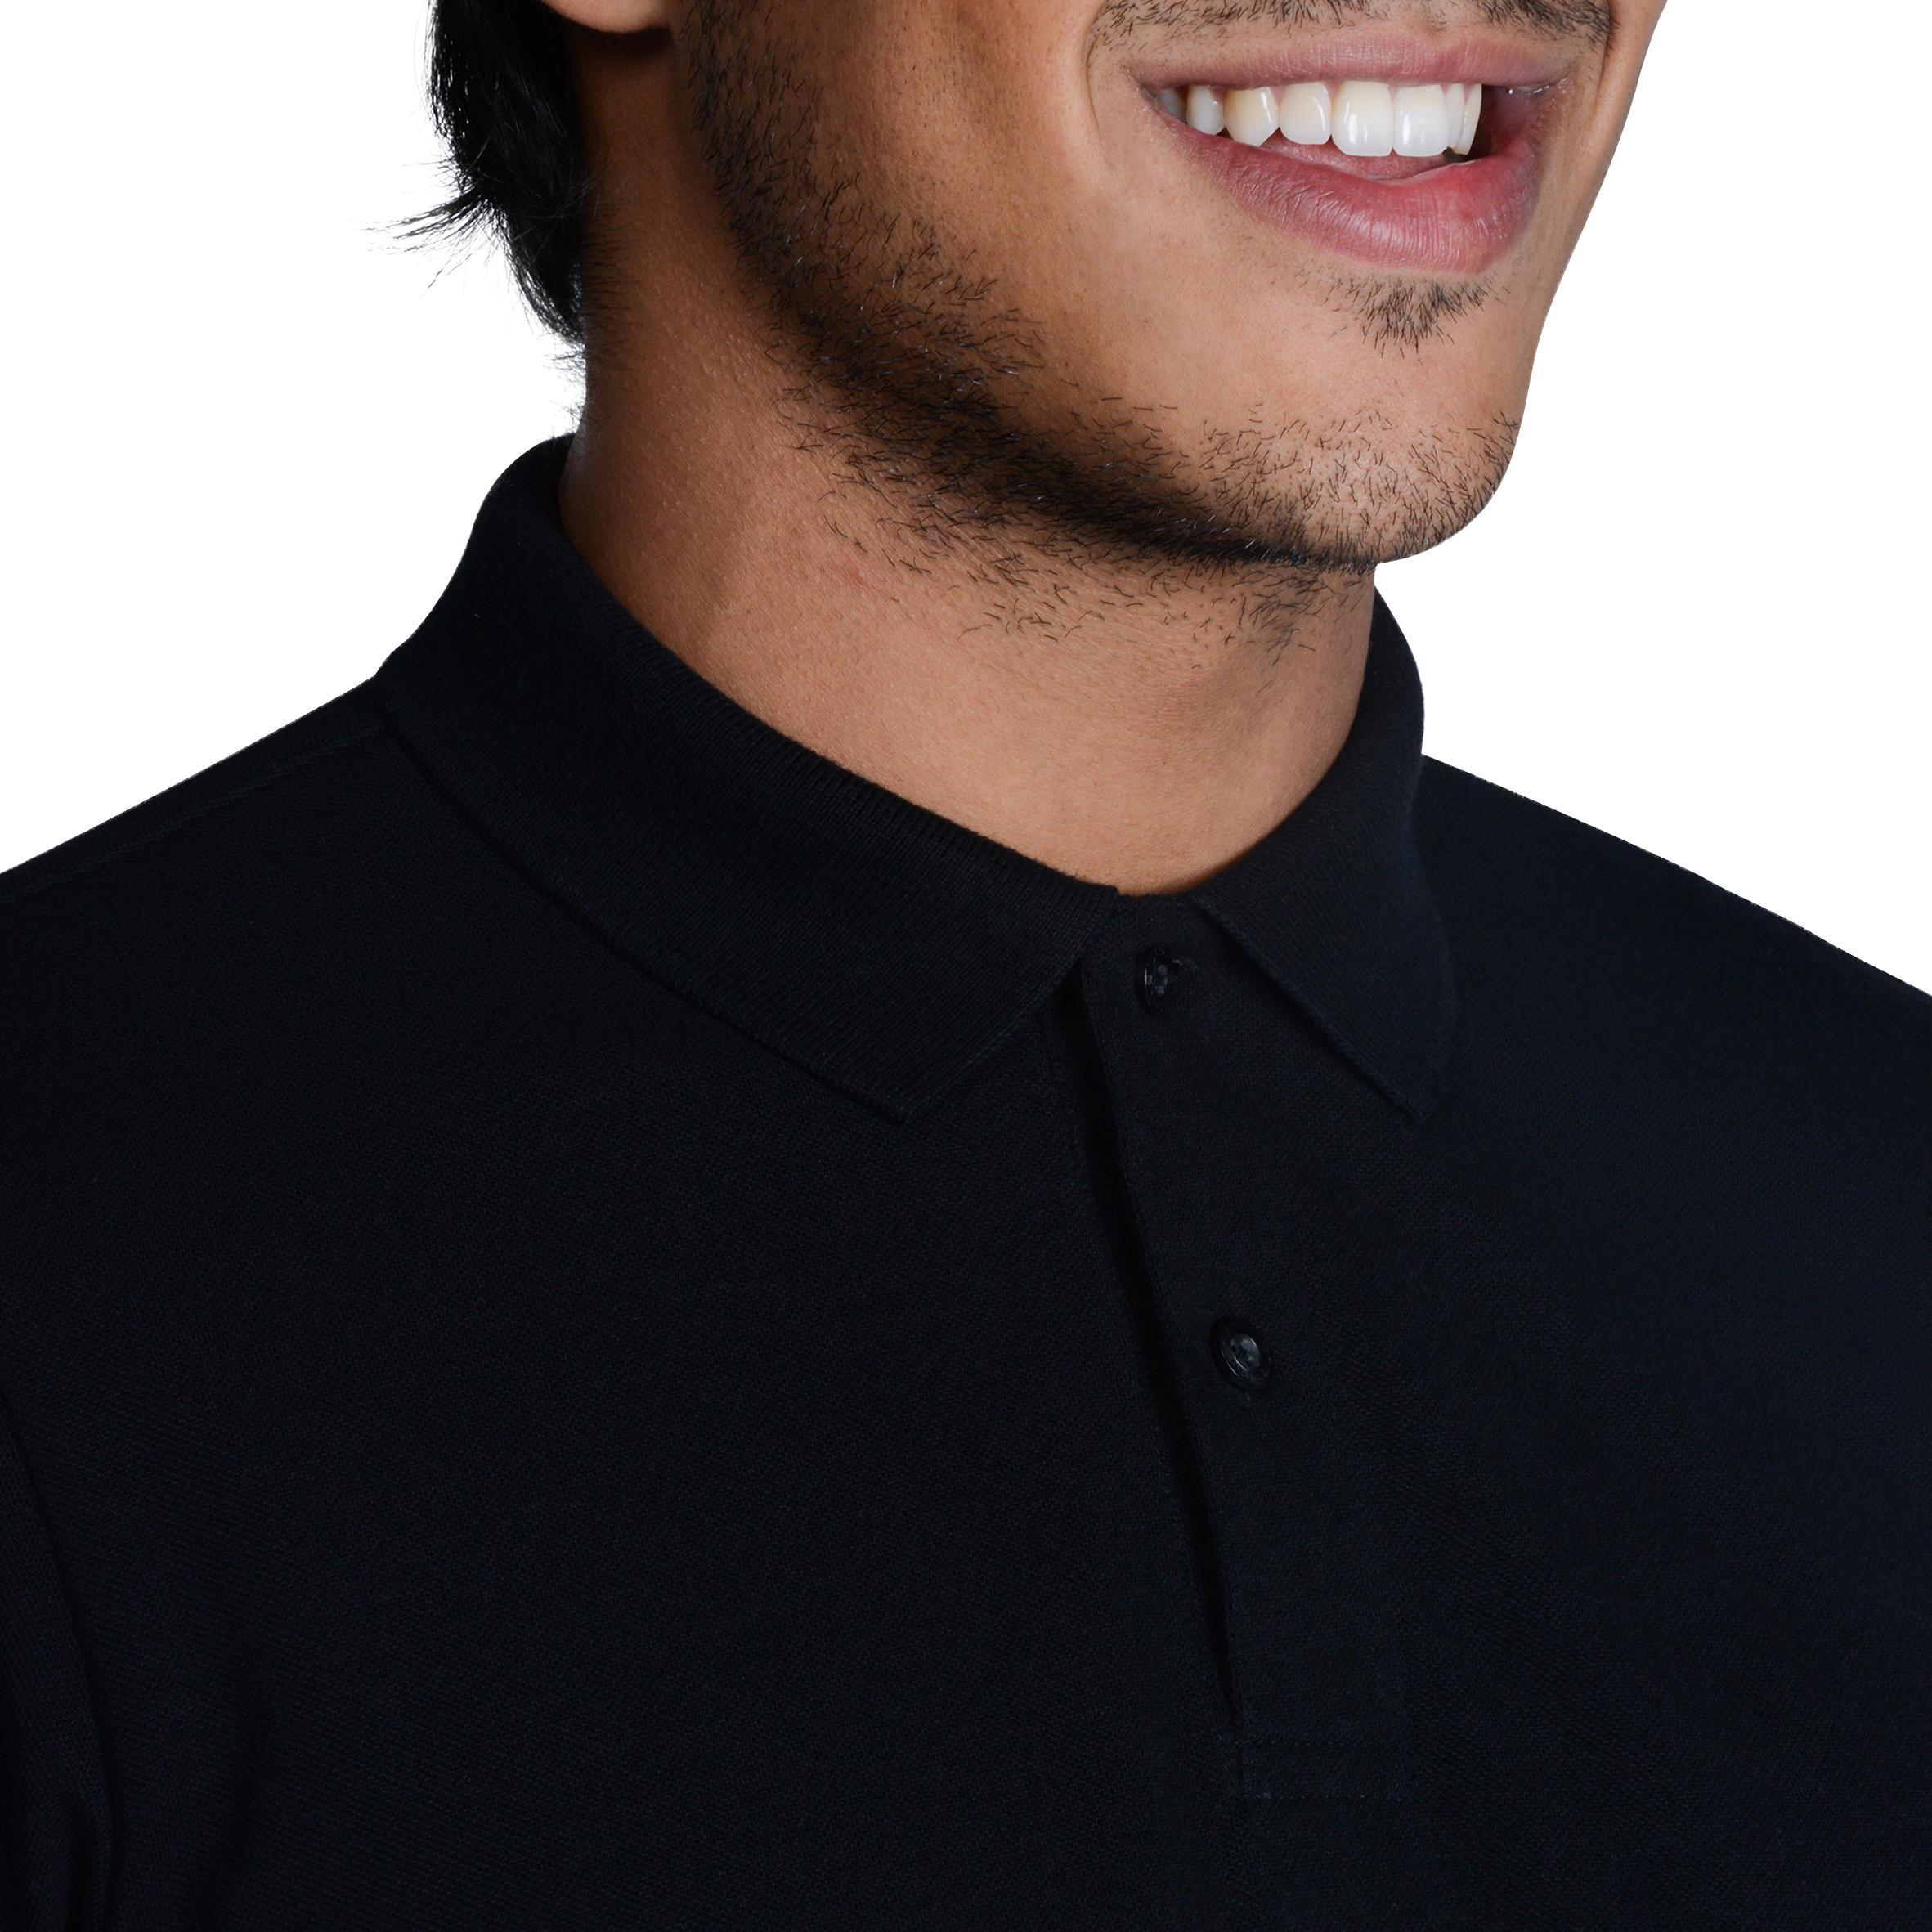 Polo de golf homme manches courtes 500 temps chaud noir